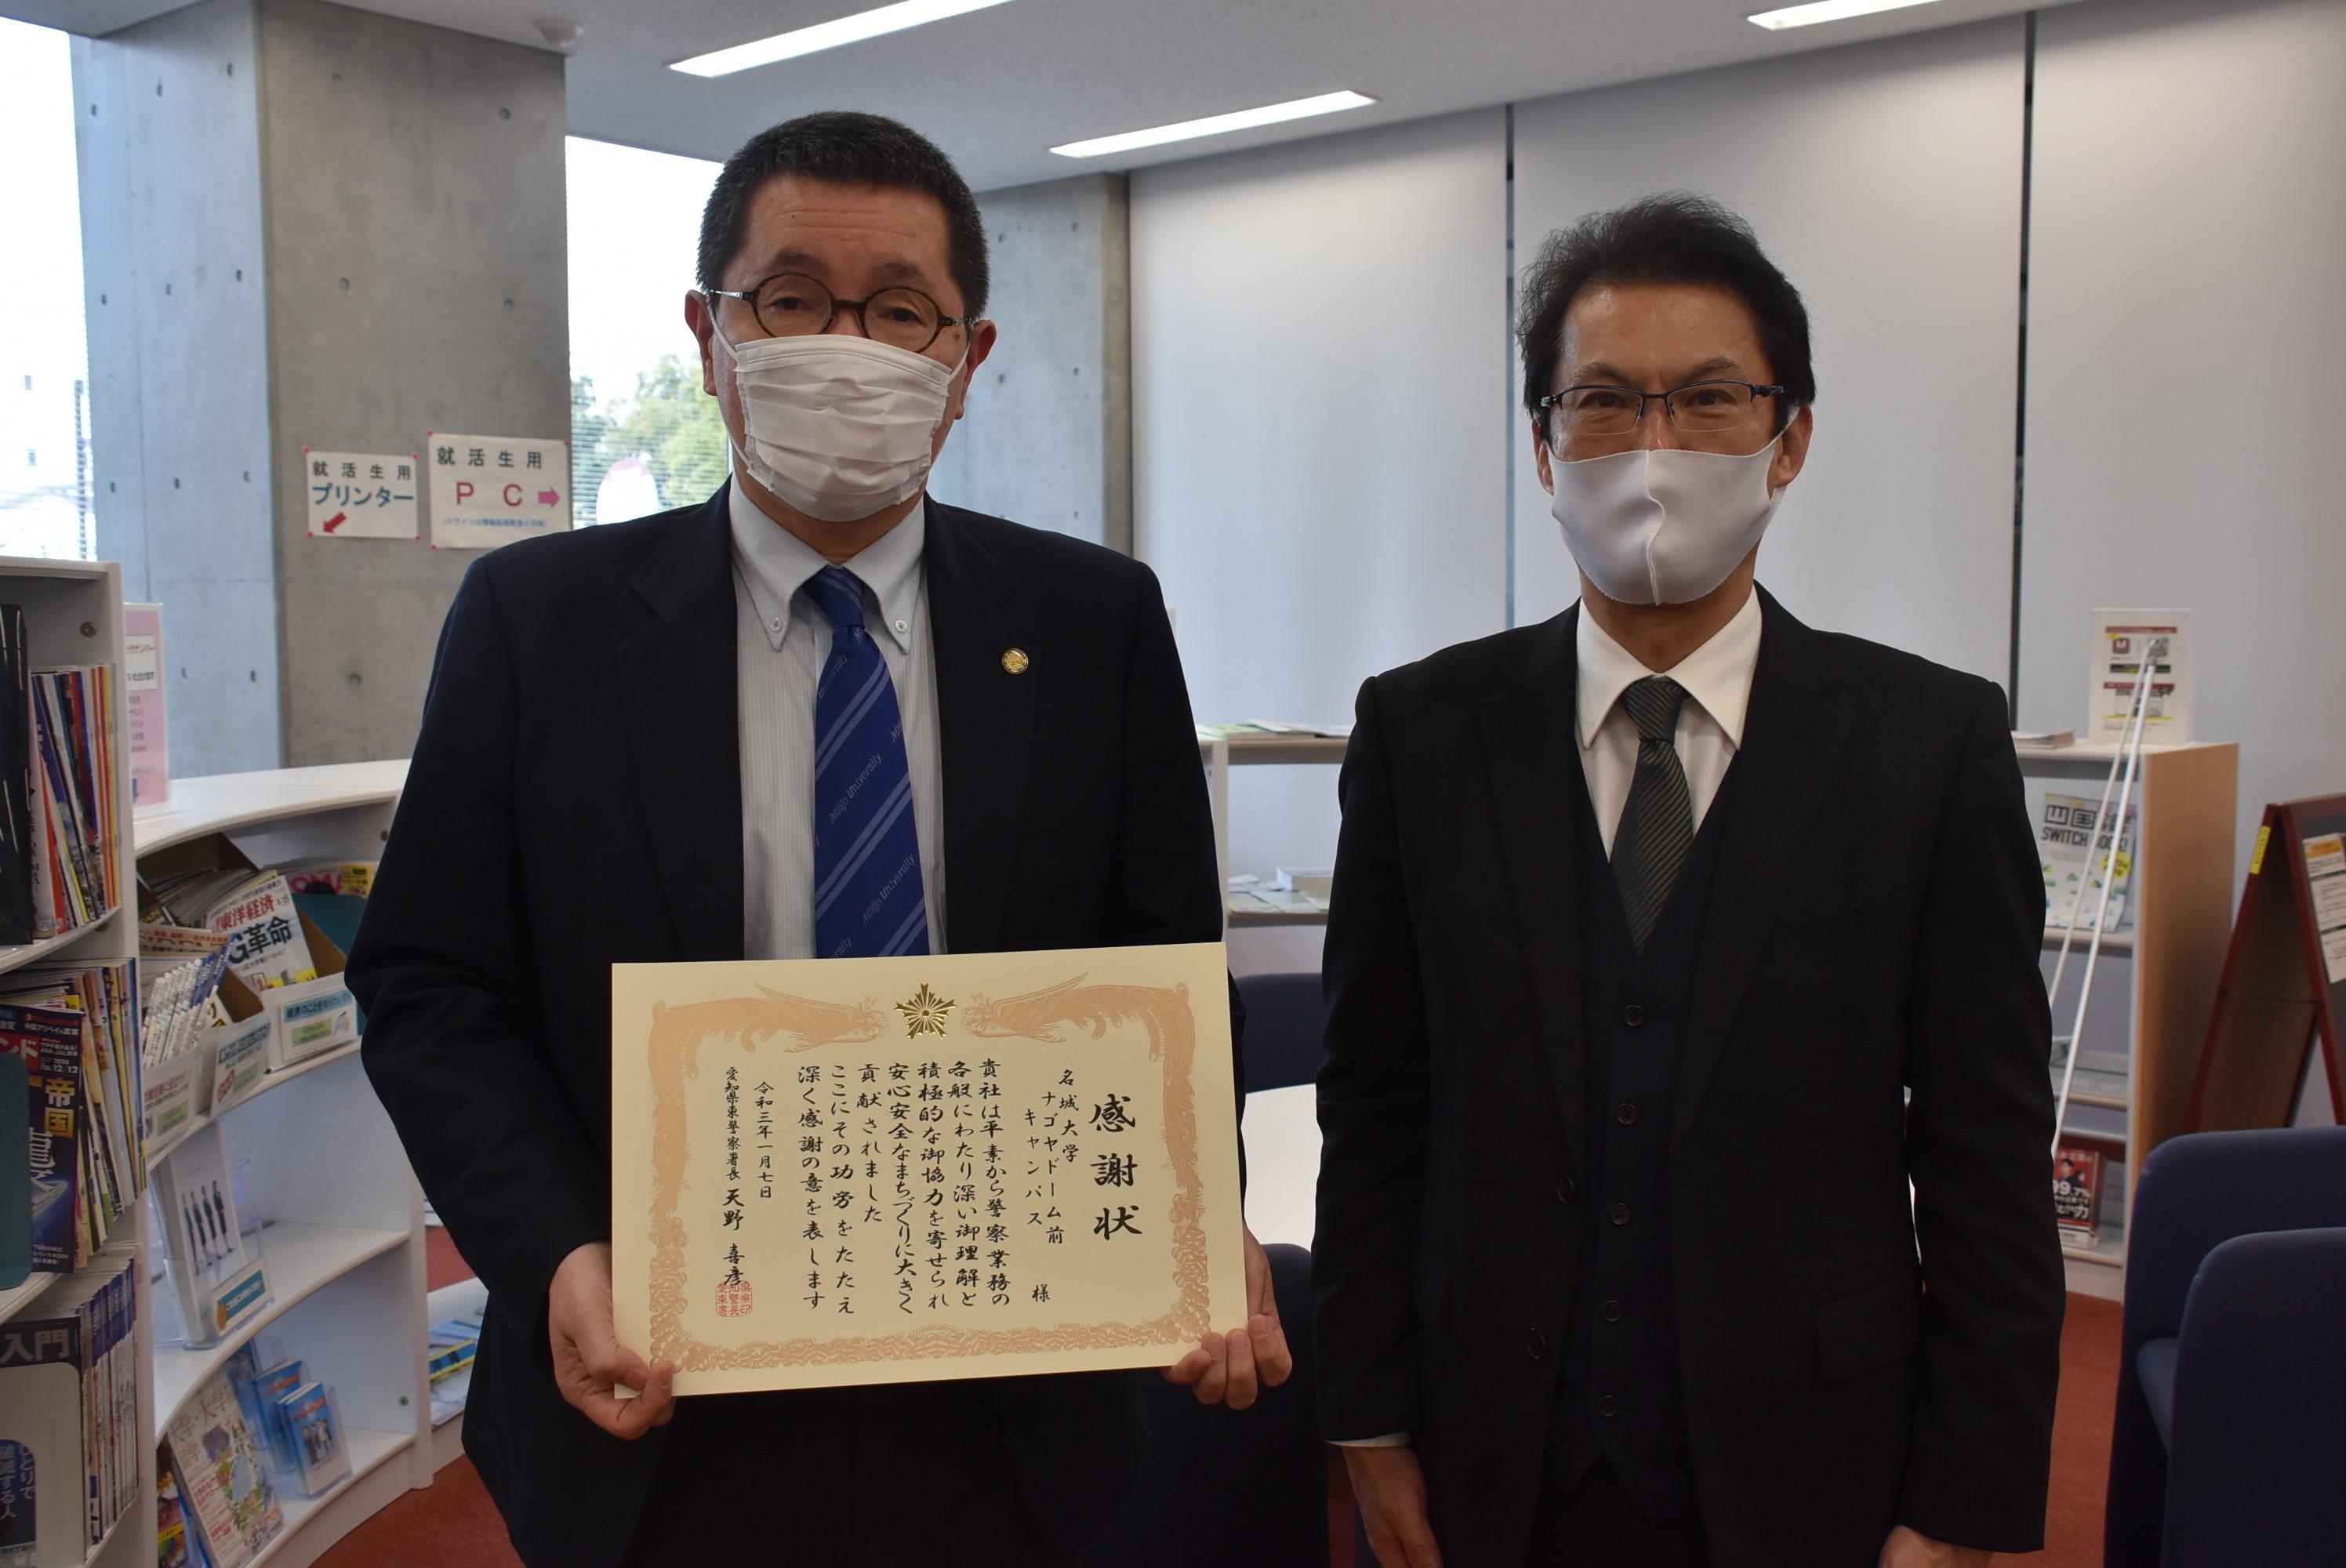 感謝状を授与された越立ナゴヤドーム前キャンパス事務部長(左)と、栃川東警察交通課長